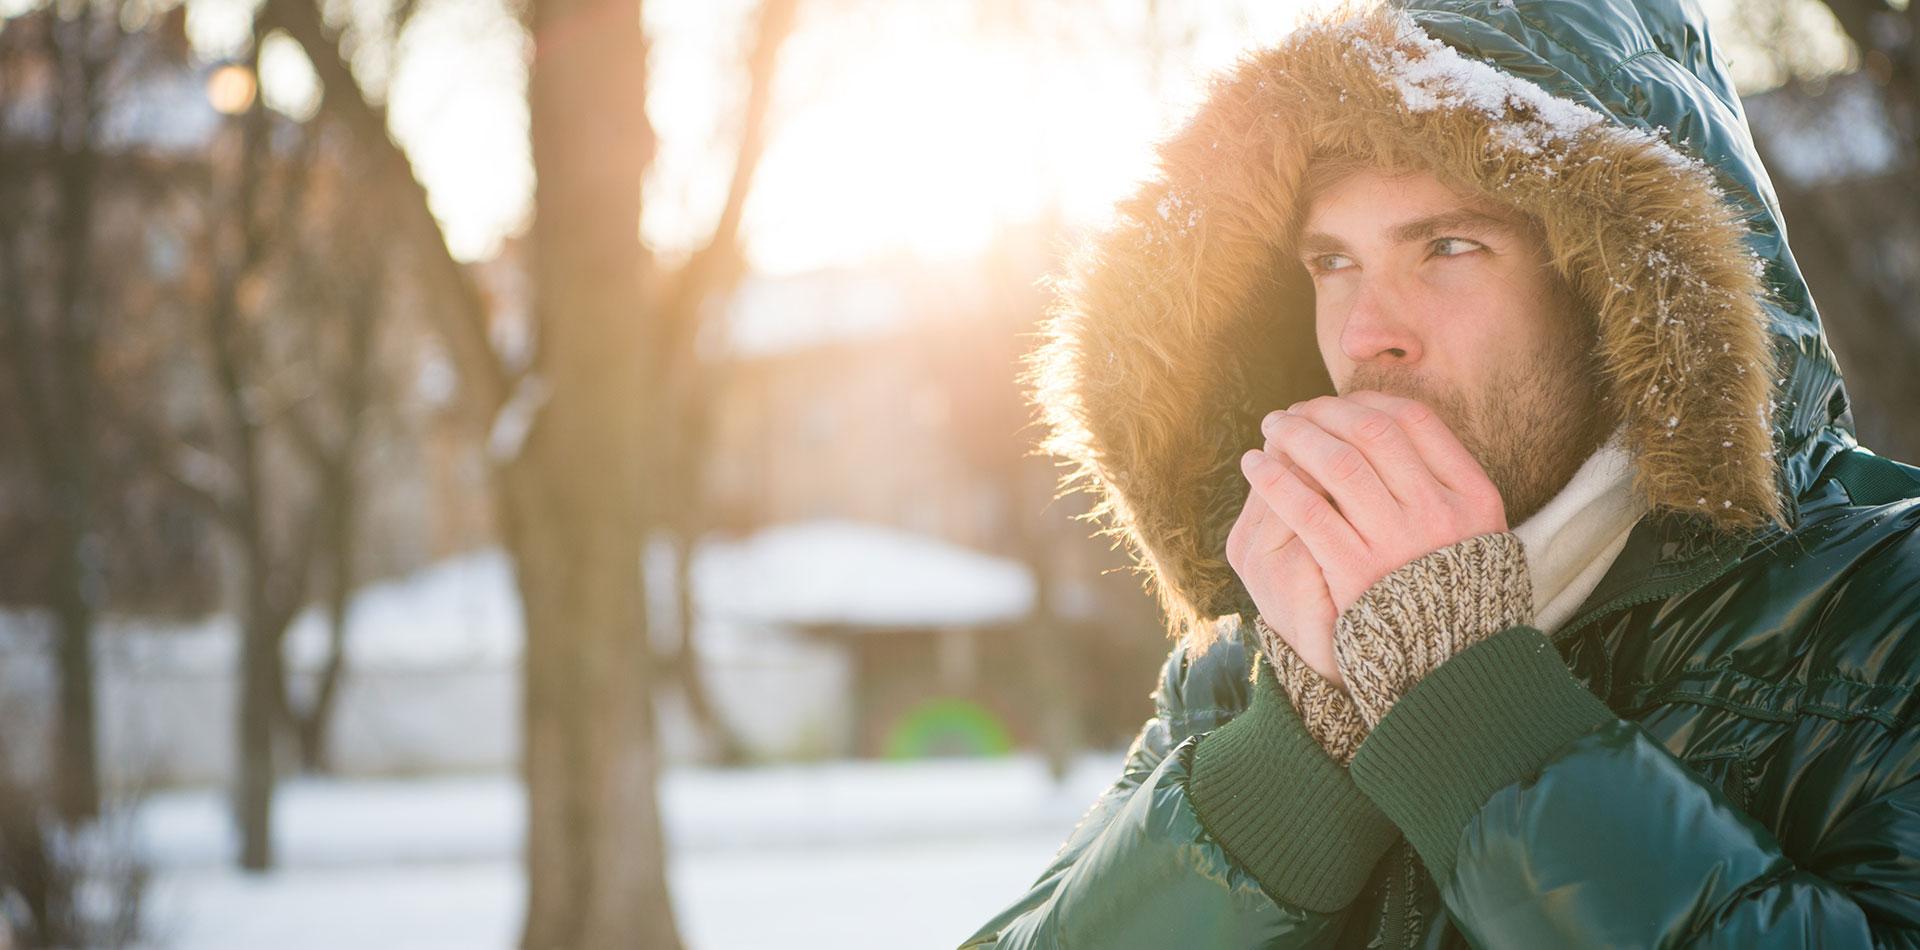 Hypothermia (Low Body Temperature)